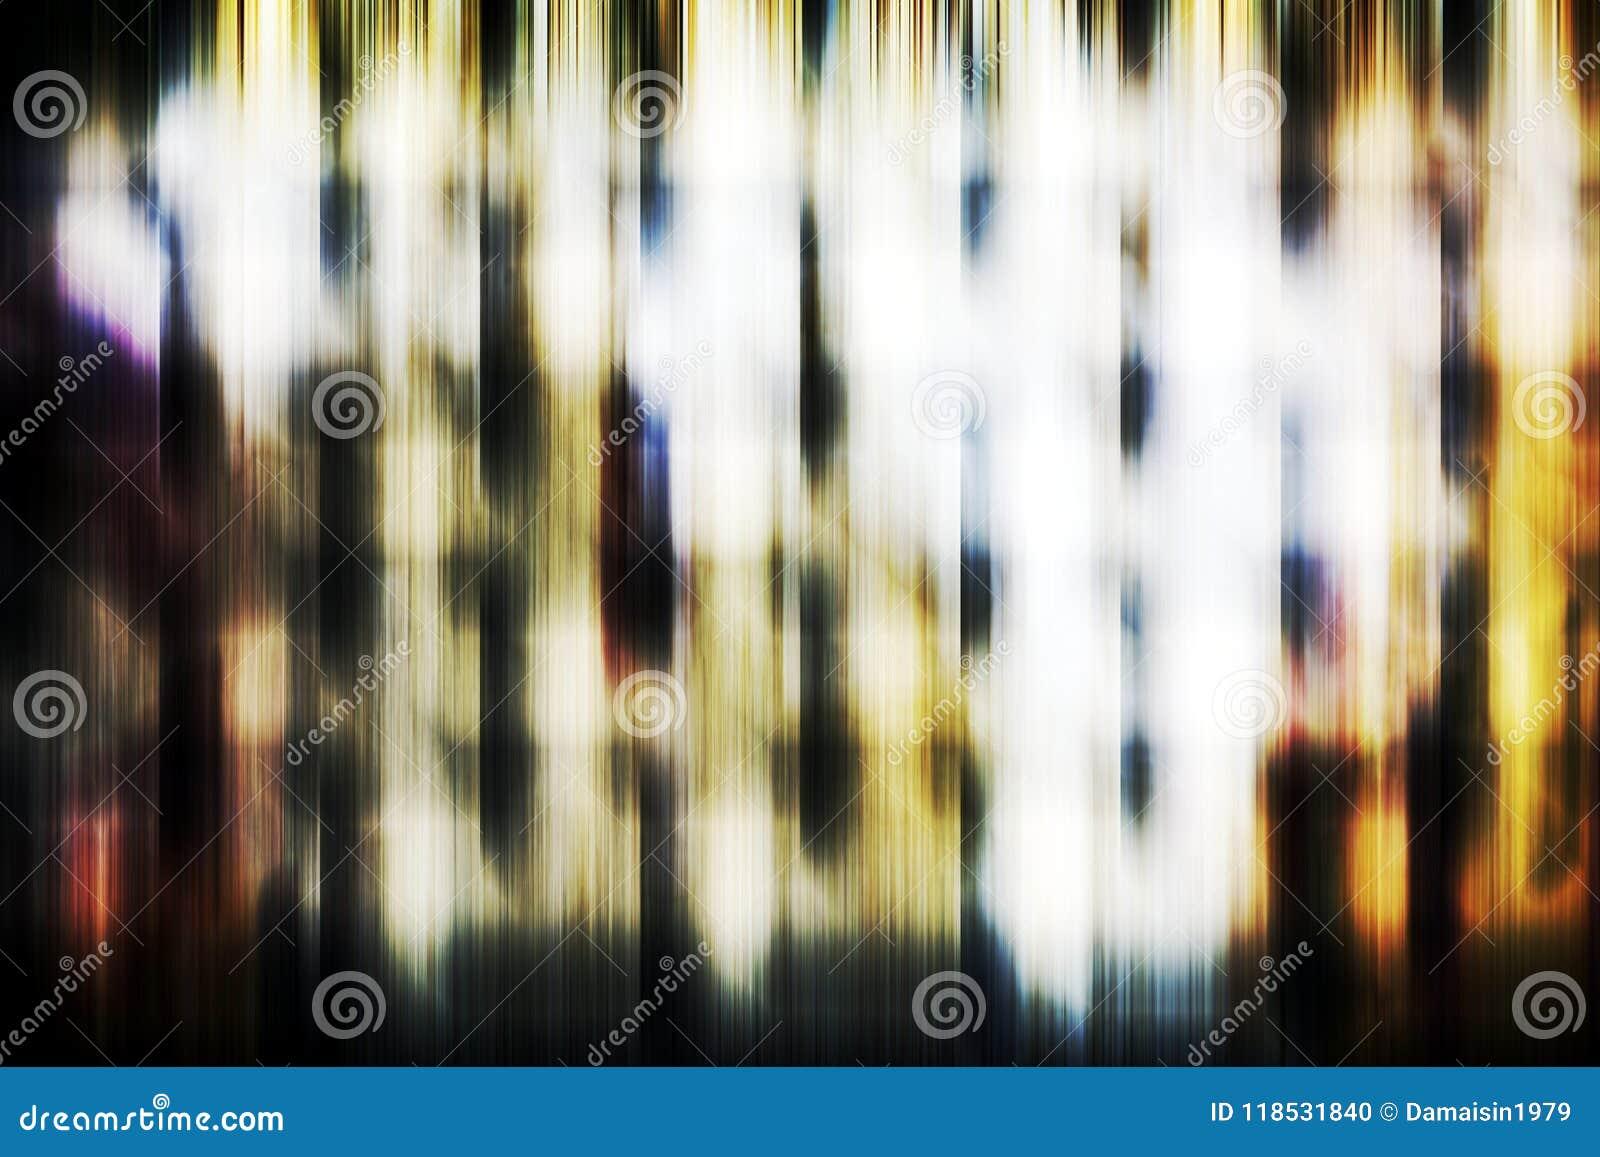 图表,黑暗的白光,抽象形状的背景